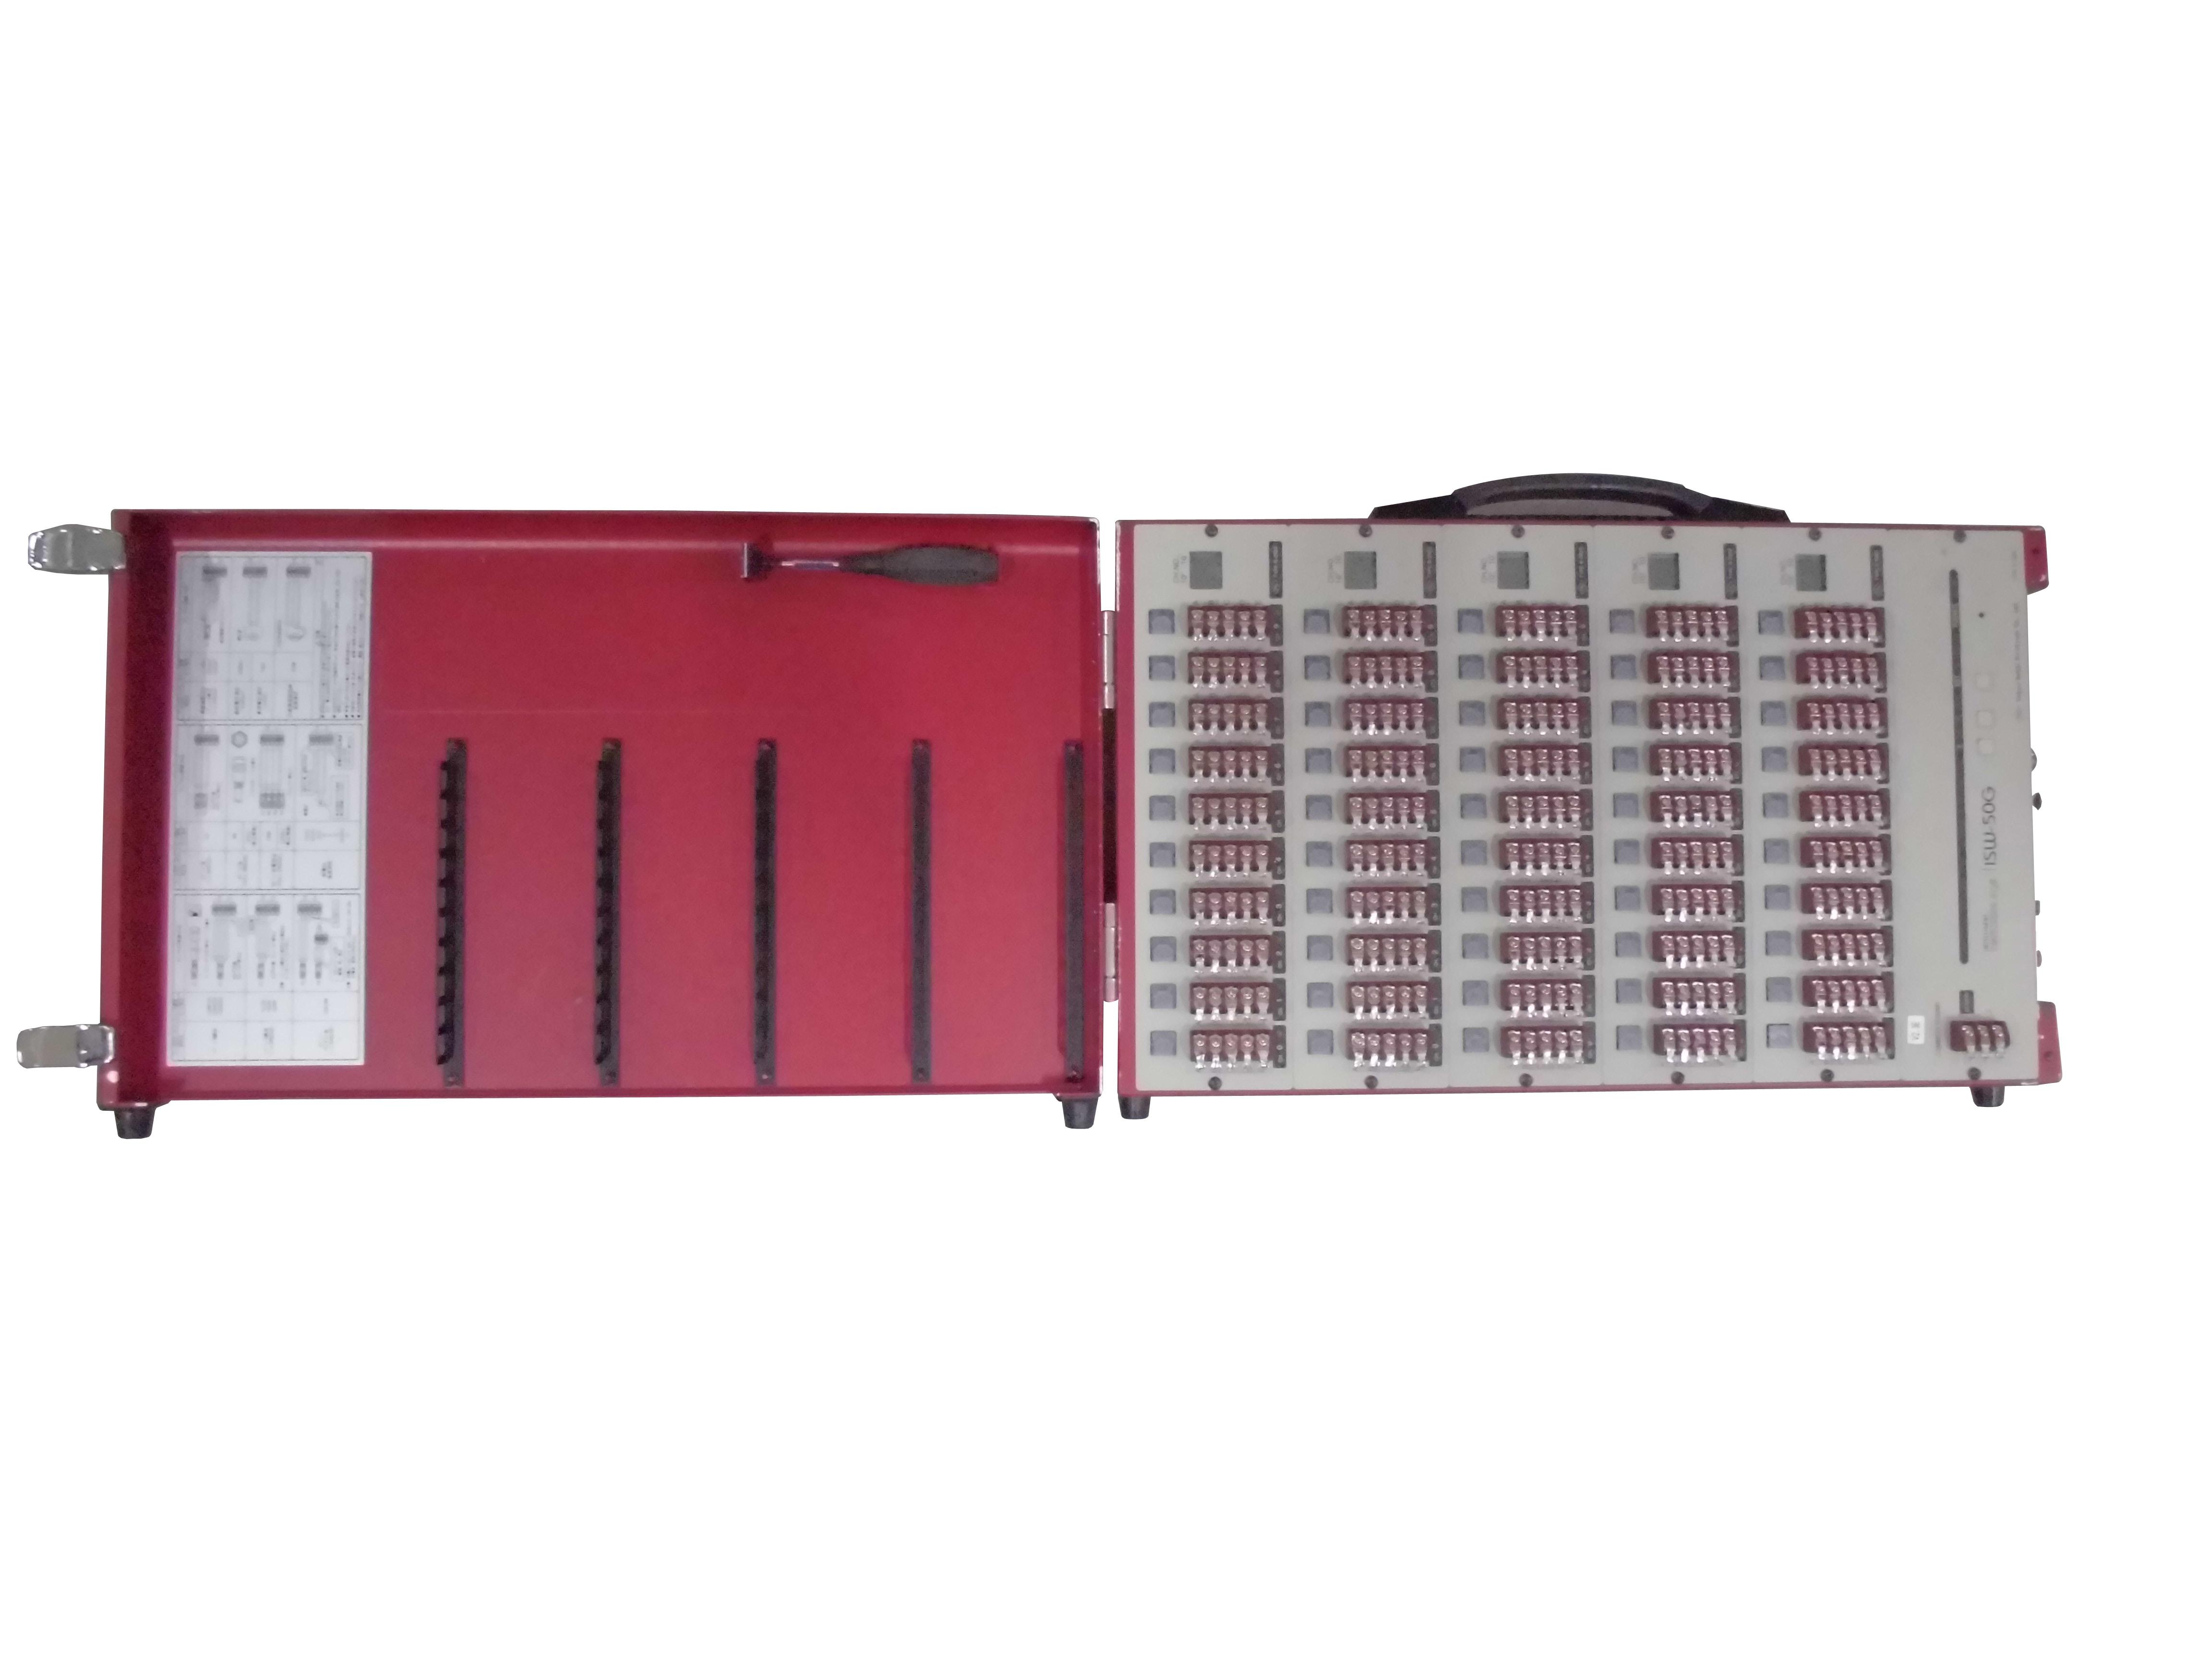 ISW-50G スイッチボックス